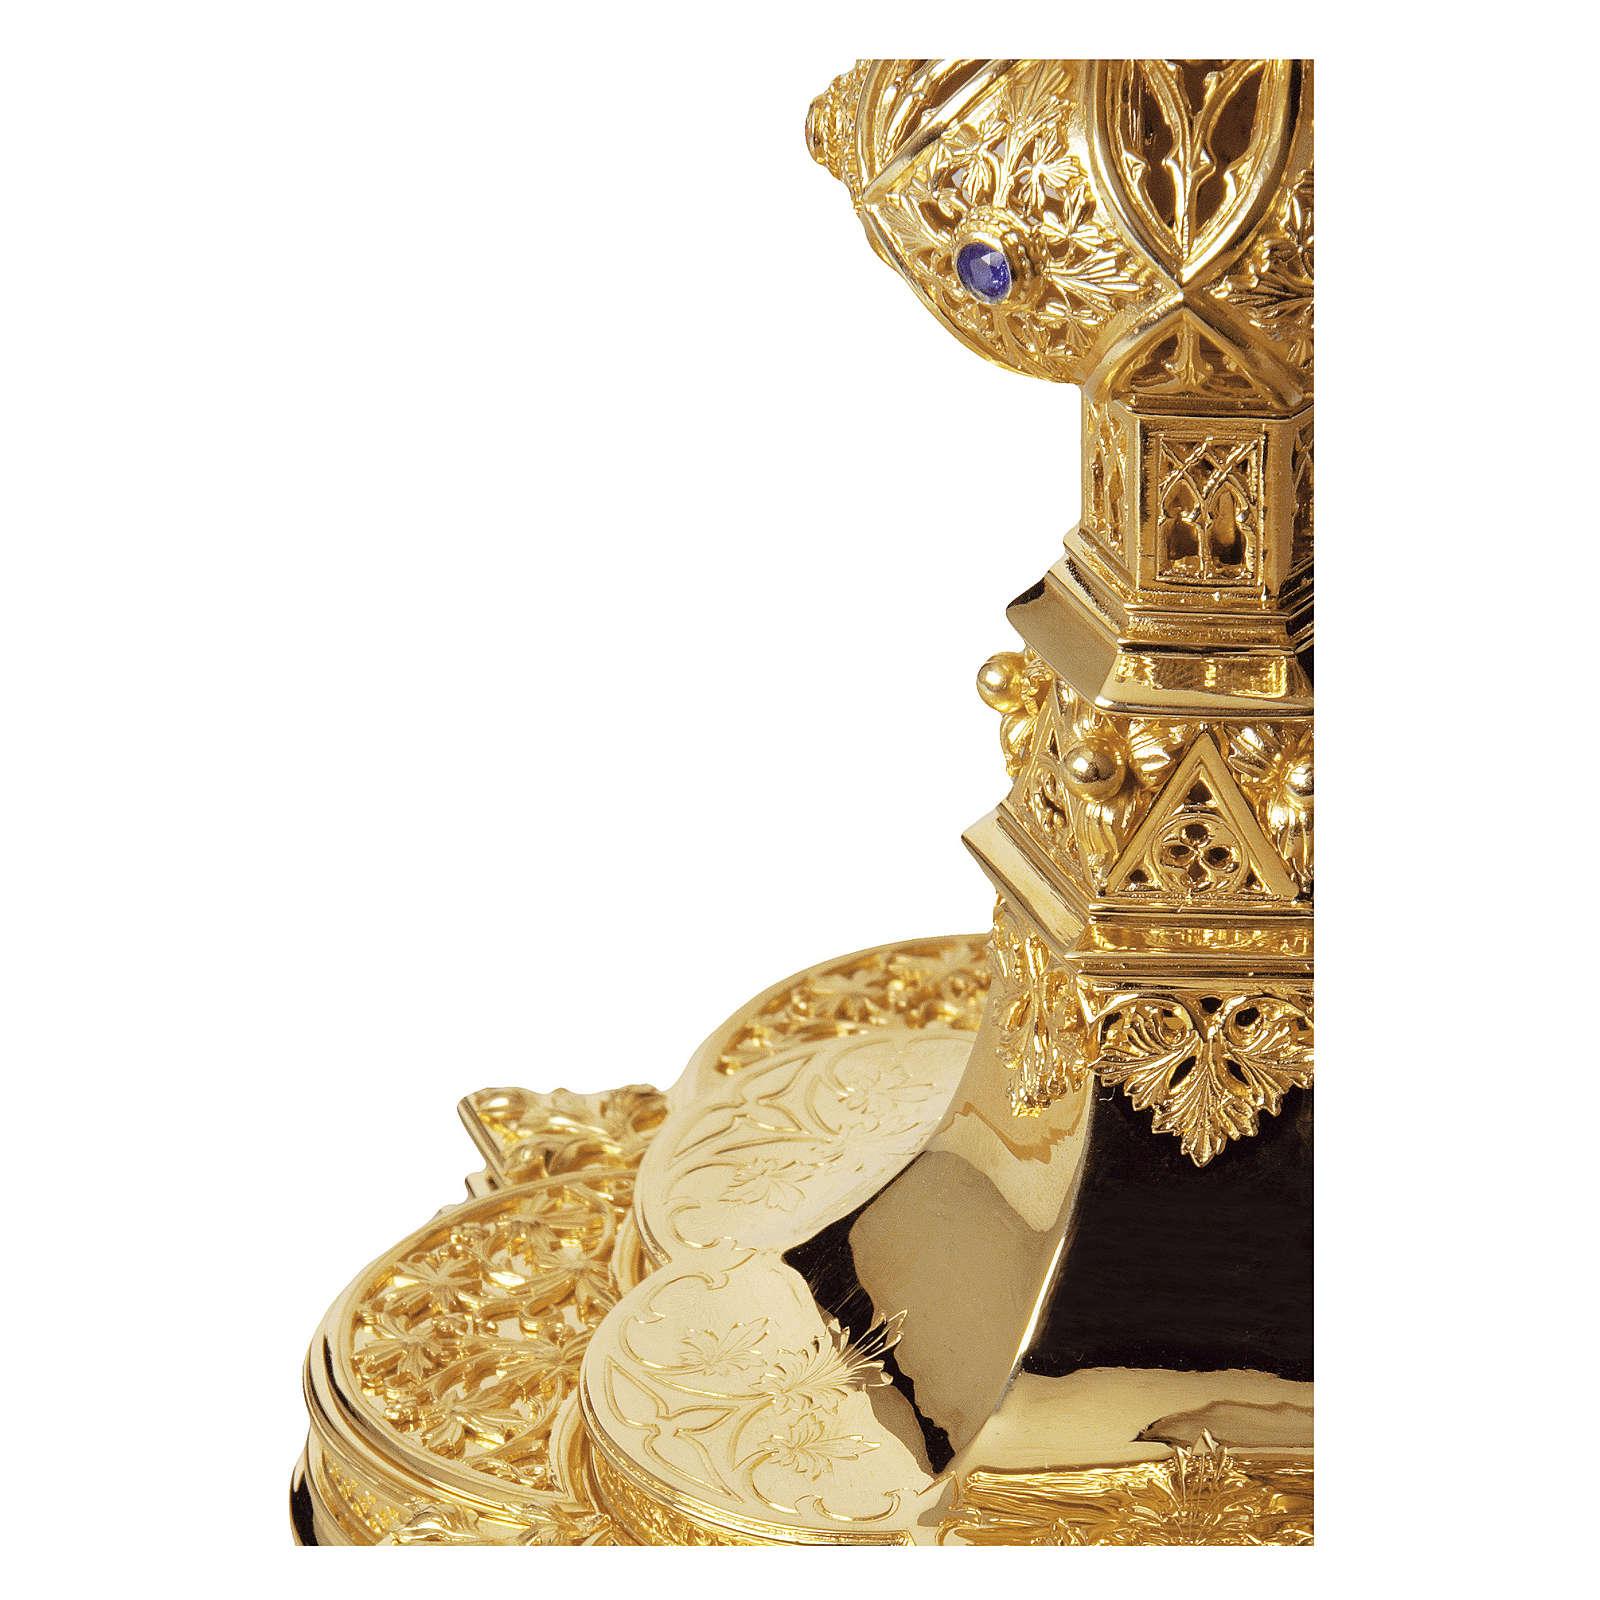 Calice e Patena Molina rubini e granati stile gotico argento massiccio 925 dorato 4